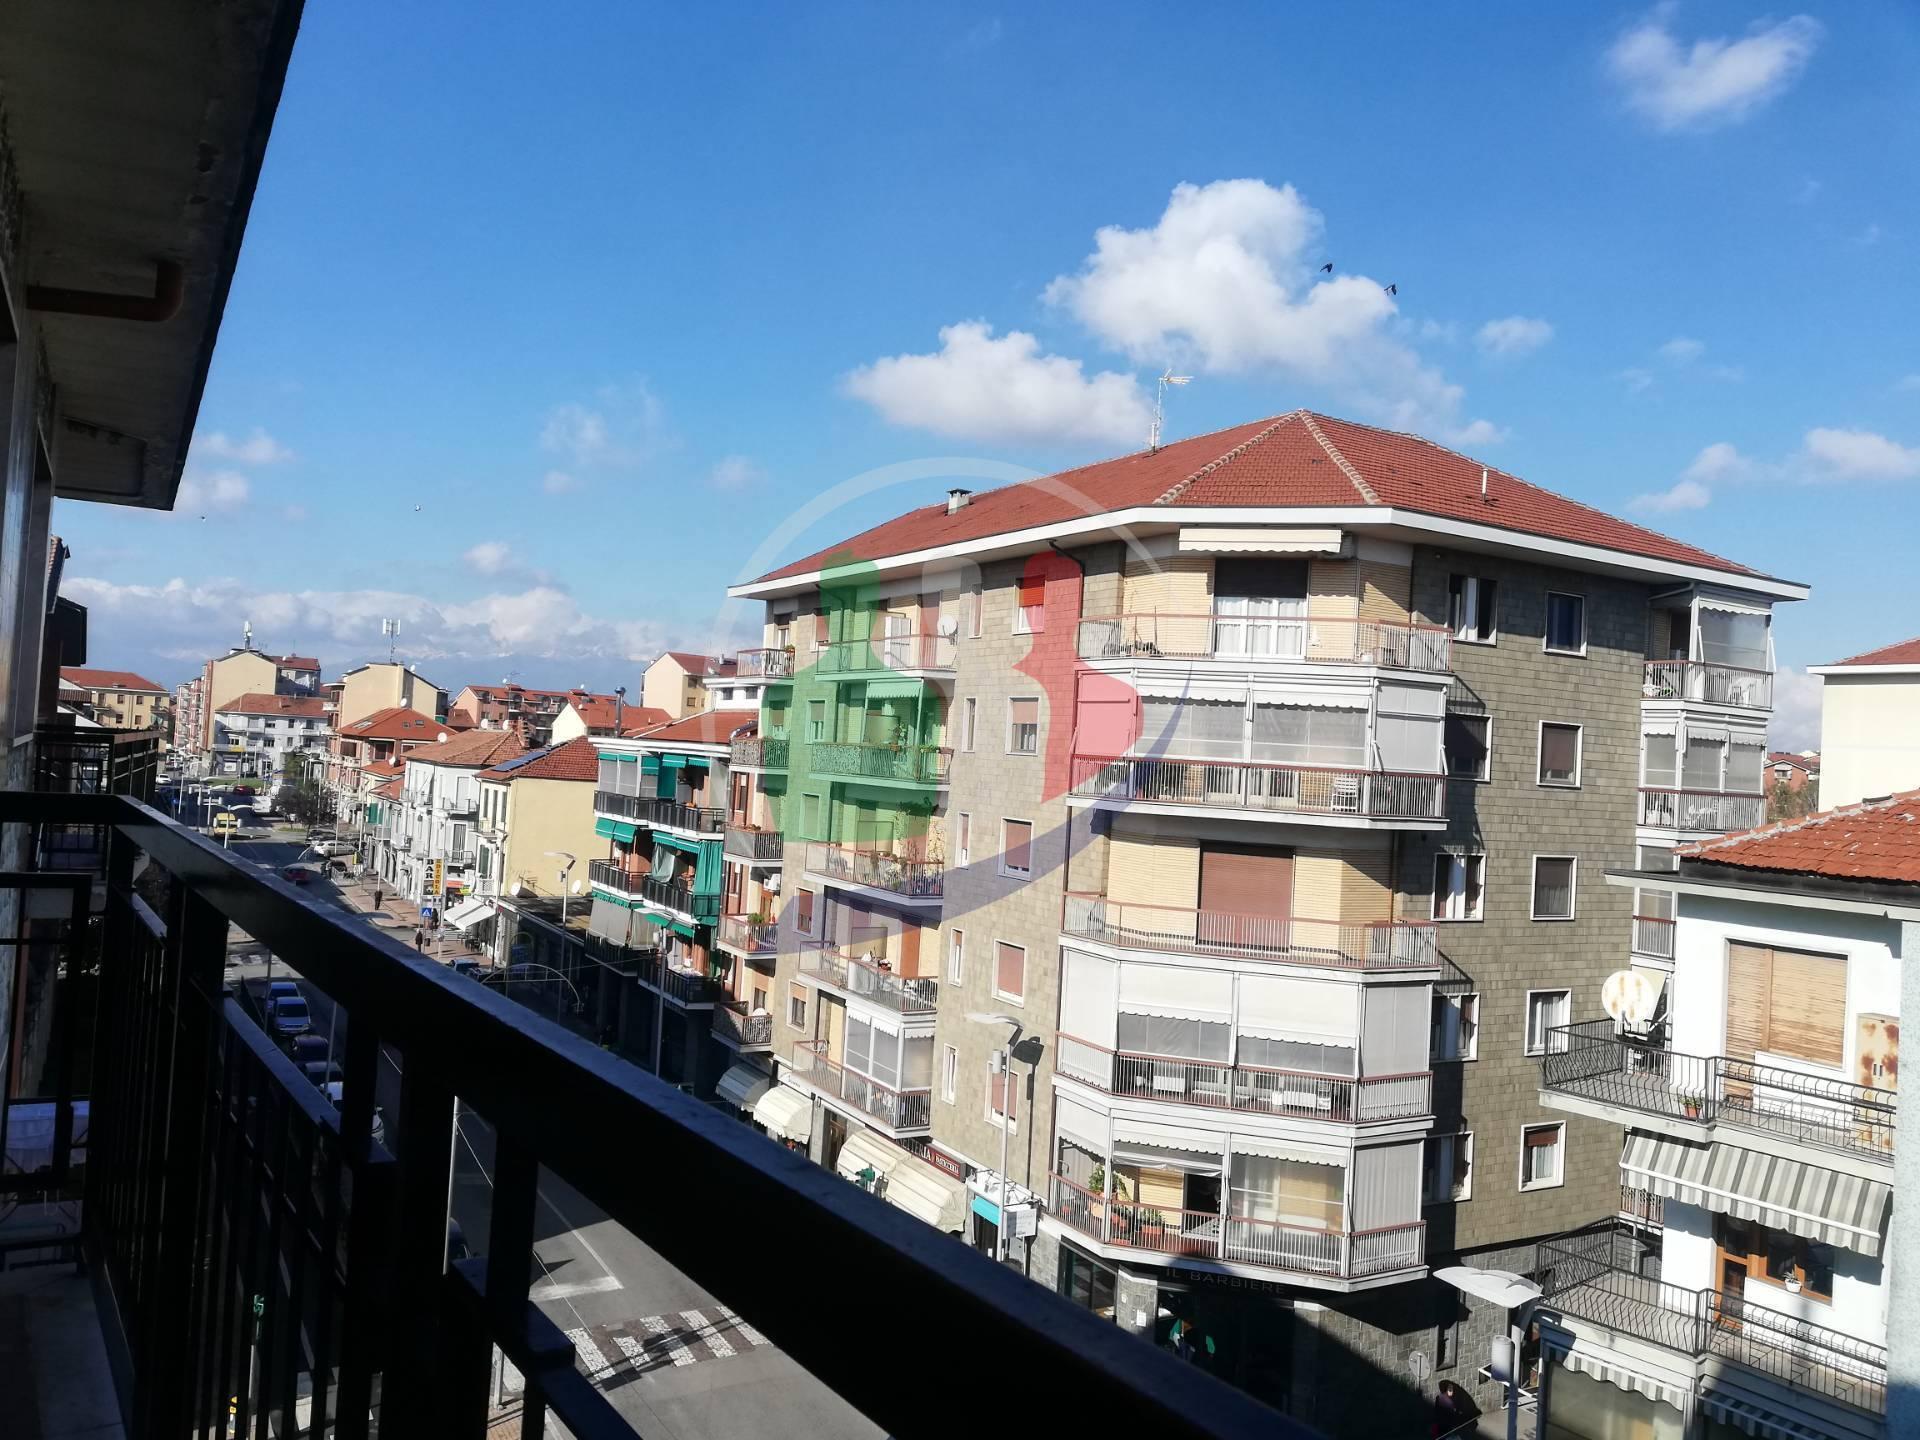 Appartamento in vendita a Nichelino, 2 locali, prezzo € 72.000 | PortaleAgenzieImmobiliari.it